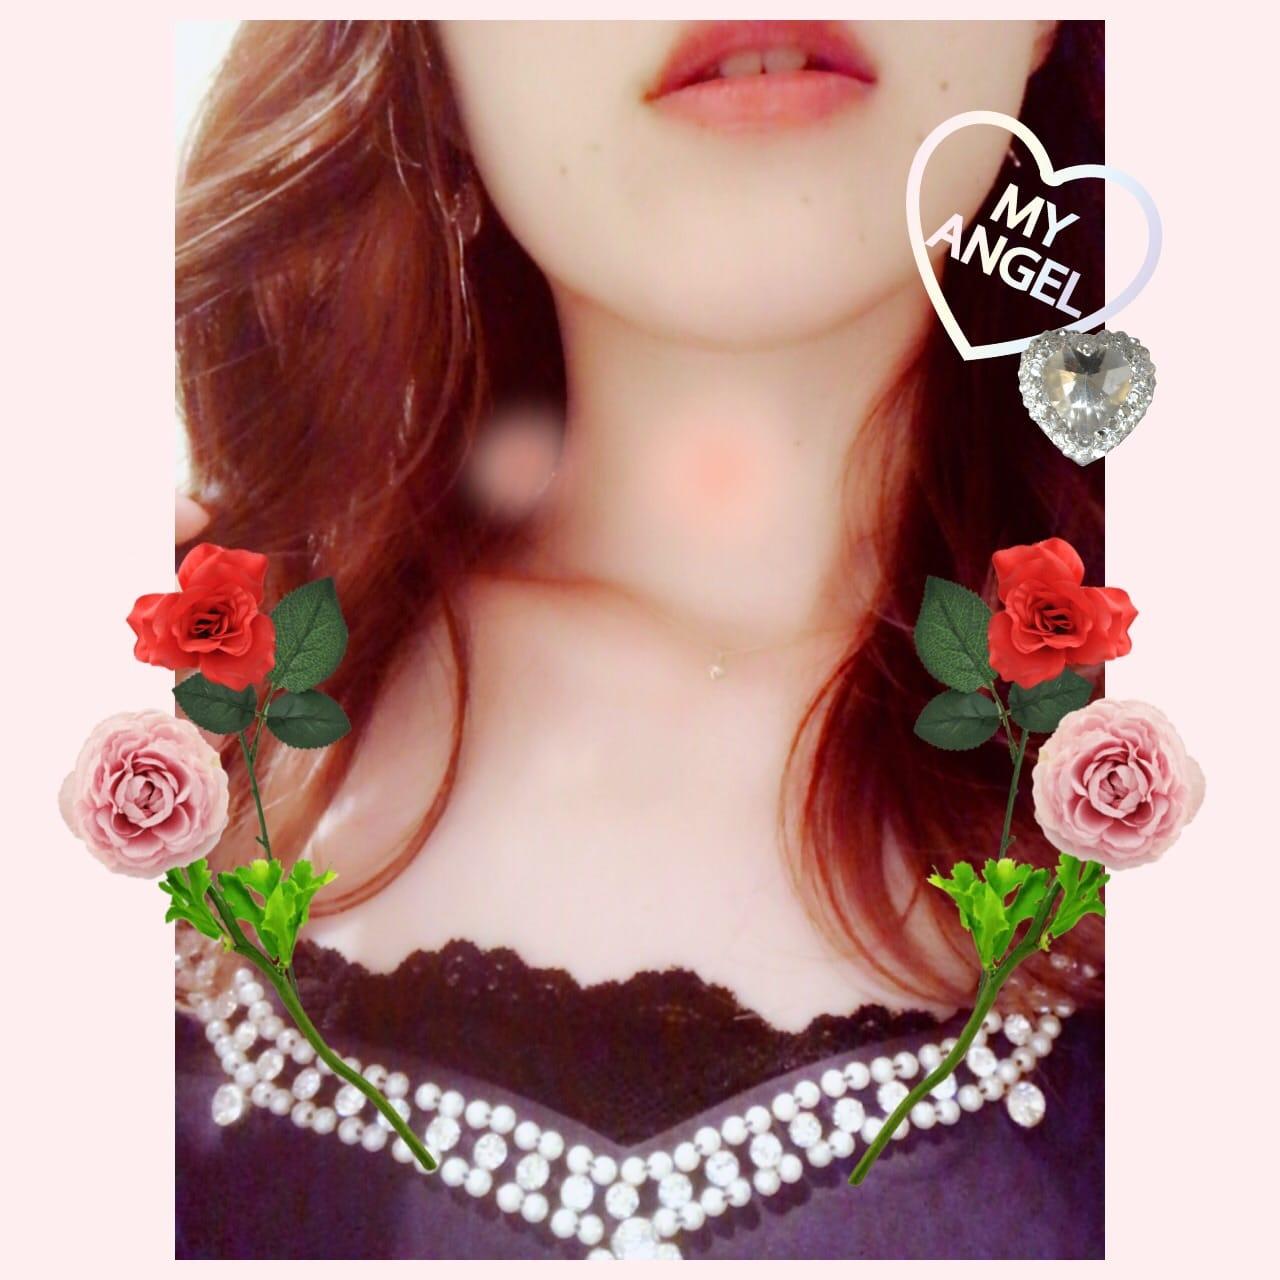 「ฅ^•ﻌ•^ฅ」09/27(09/27) 20:05 | Hina-ひな-の写メ・風俗動画